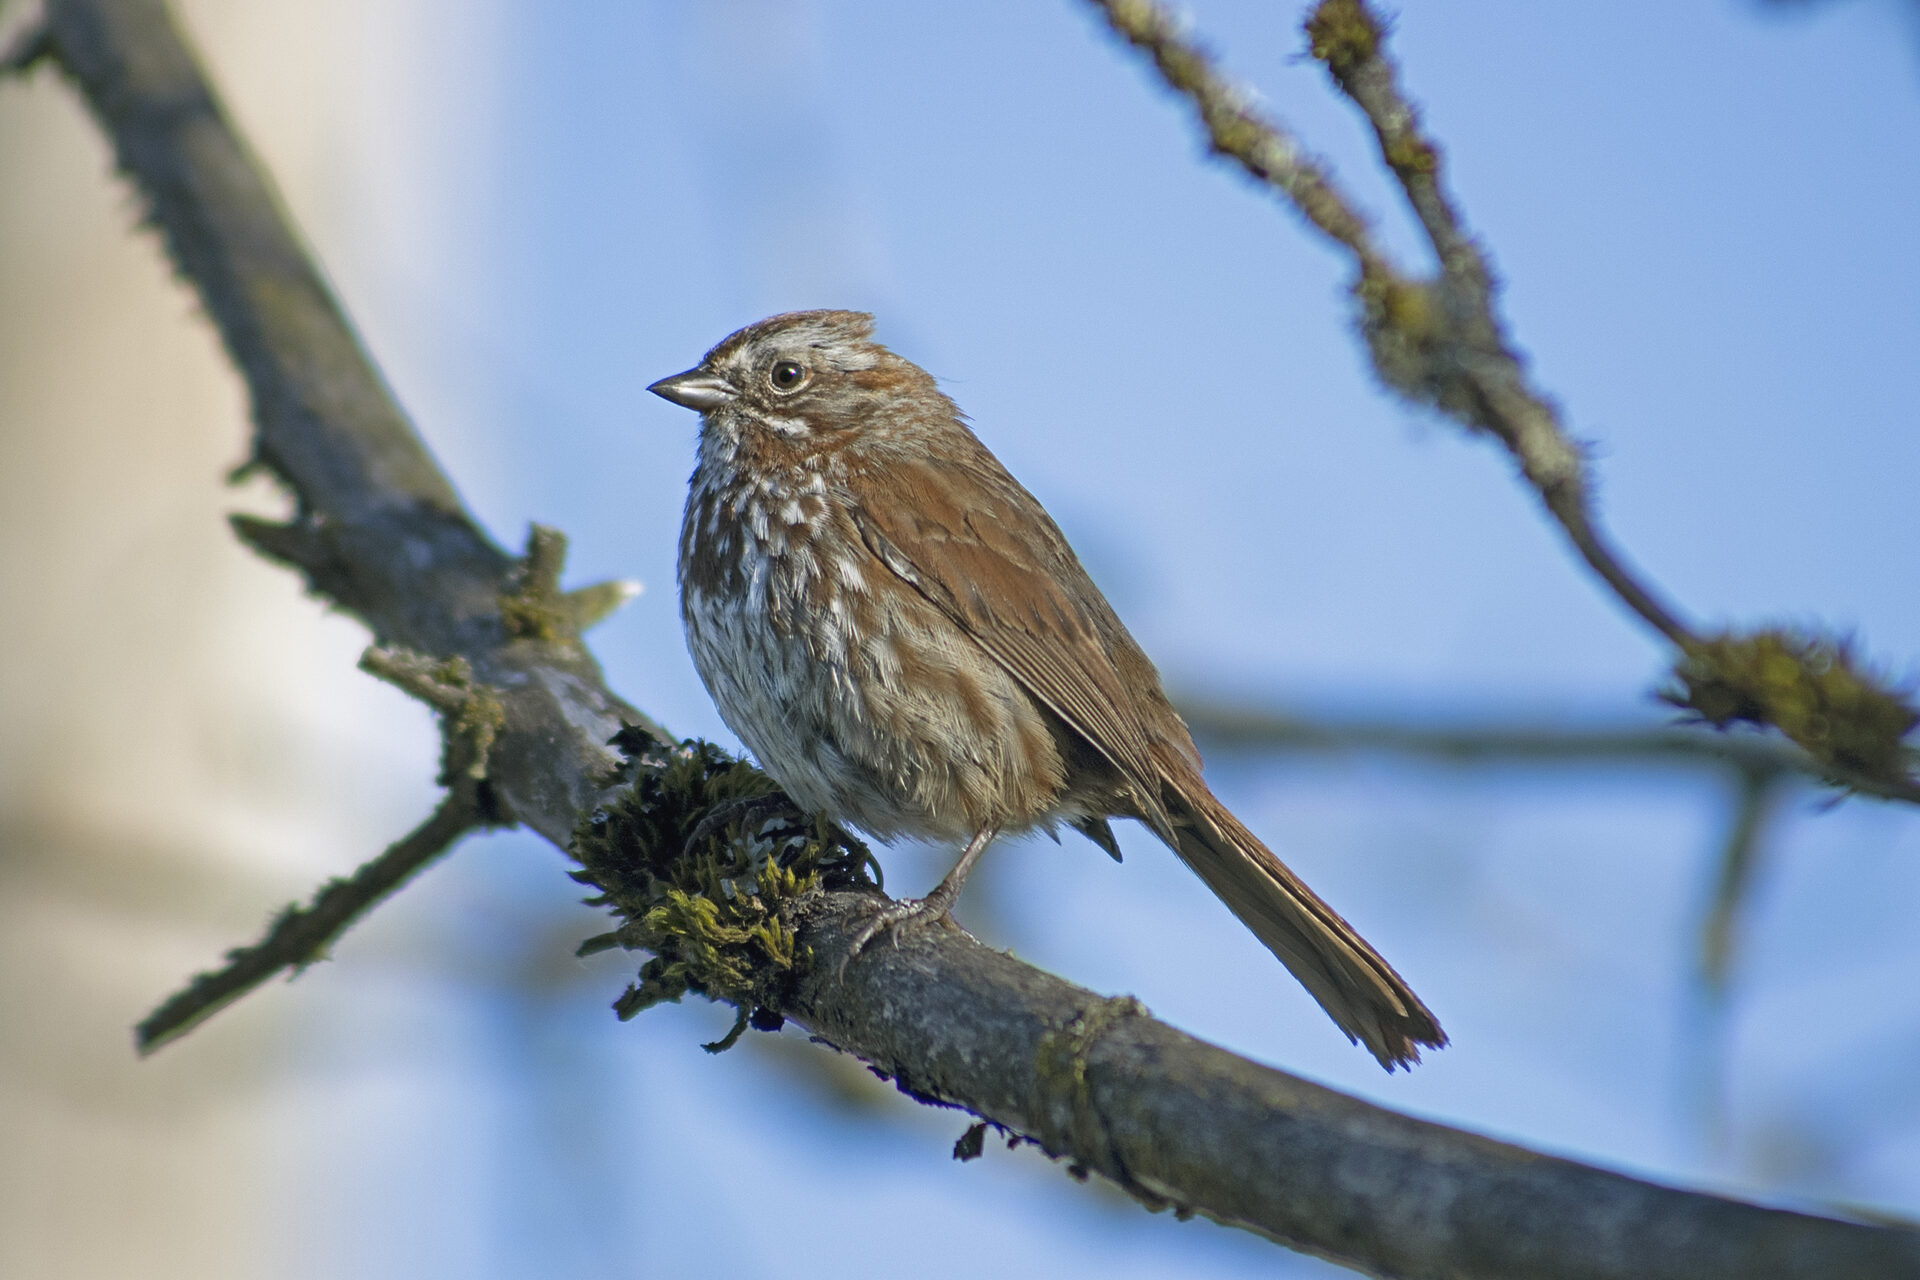 Song Sparrow at Brydon Lagoon, May 7 2021